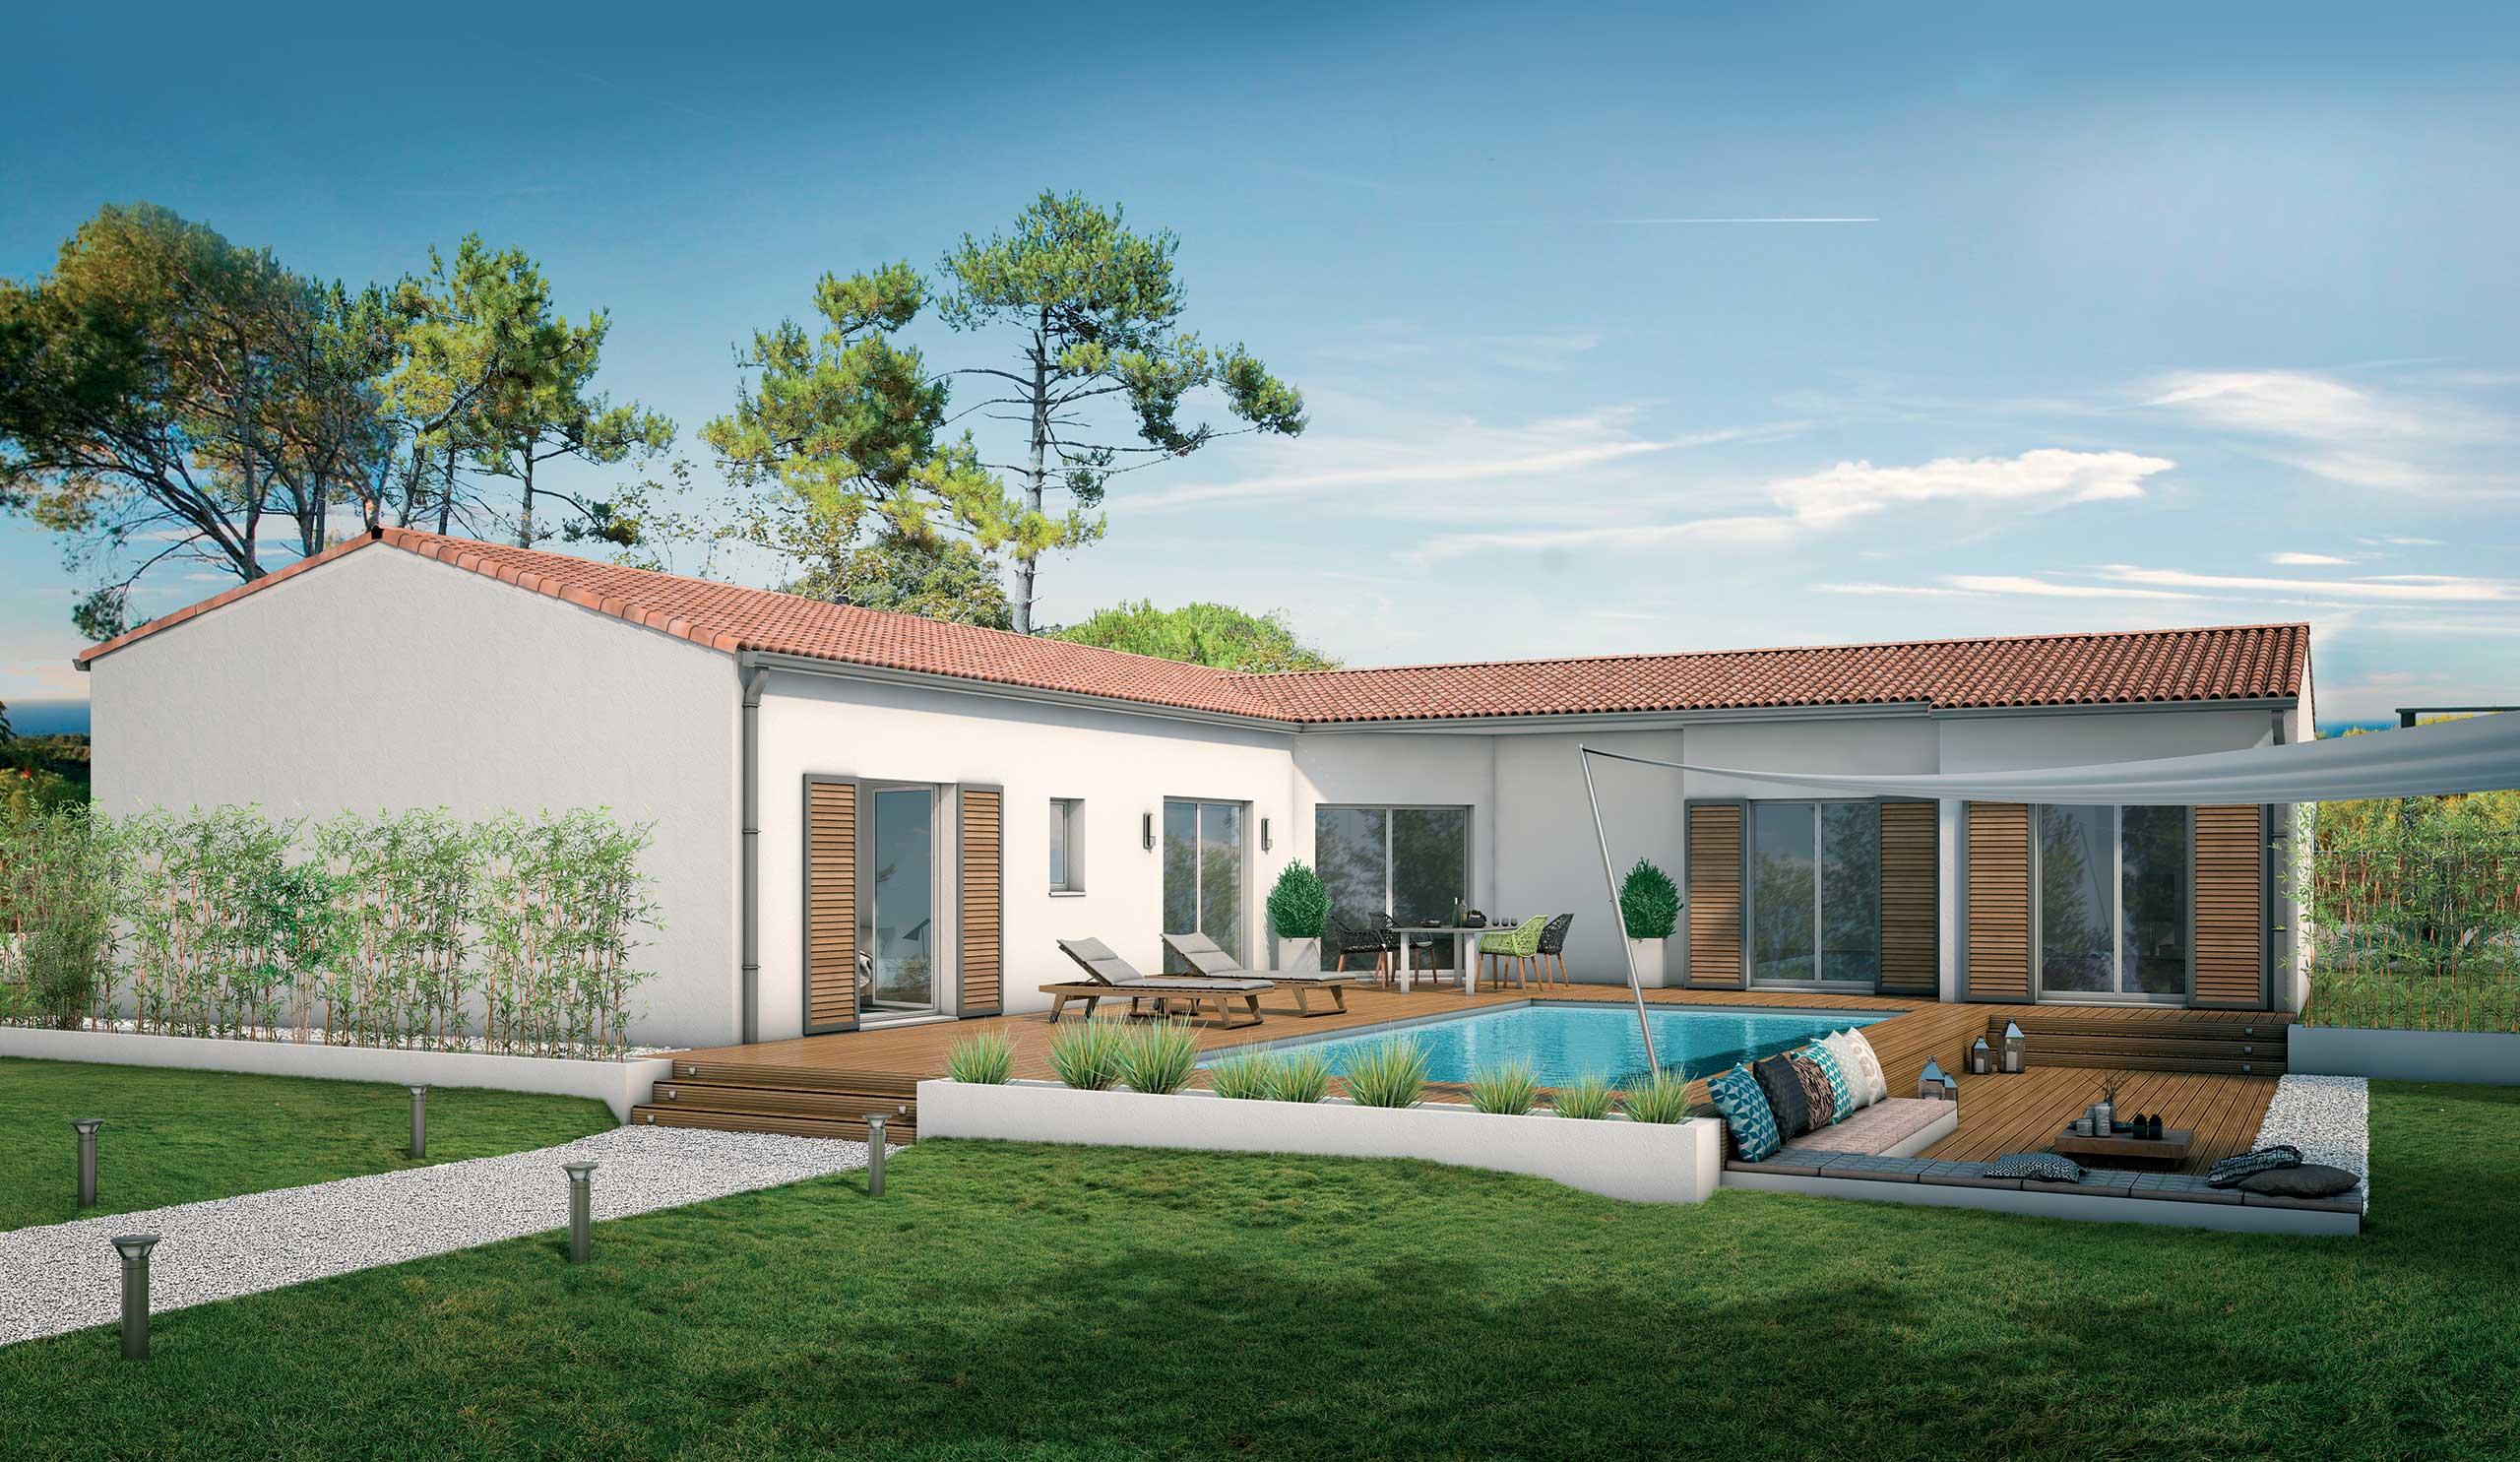 maison modèle de maison tamaris : une villa tournée vers l'extérieur